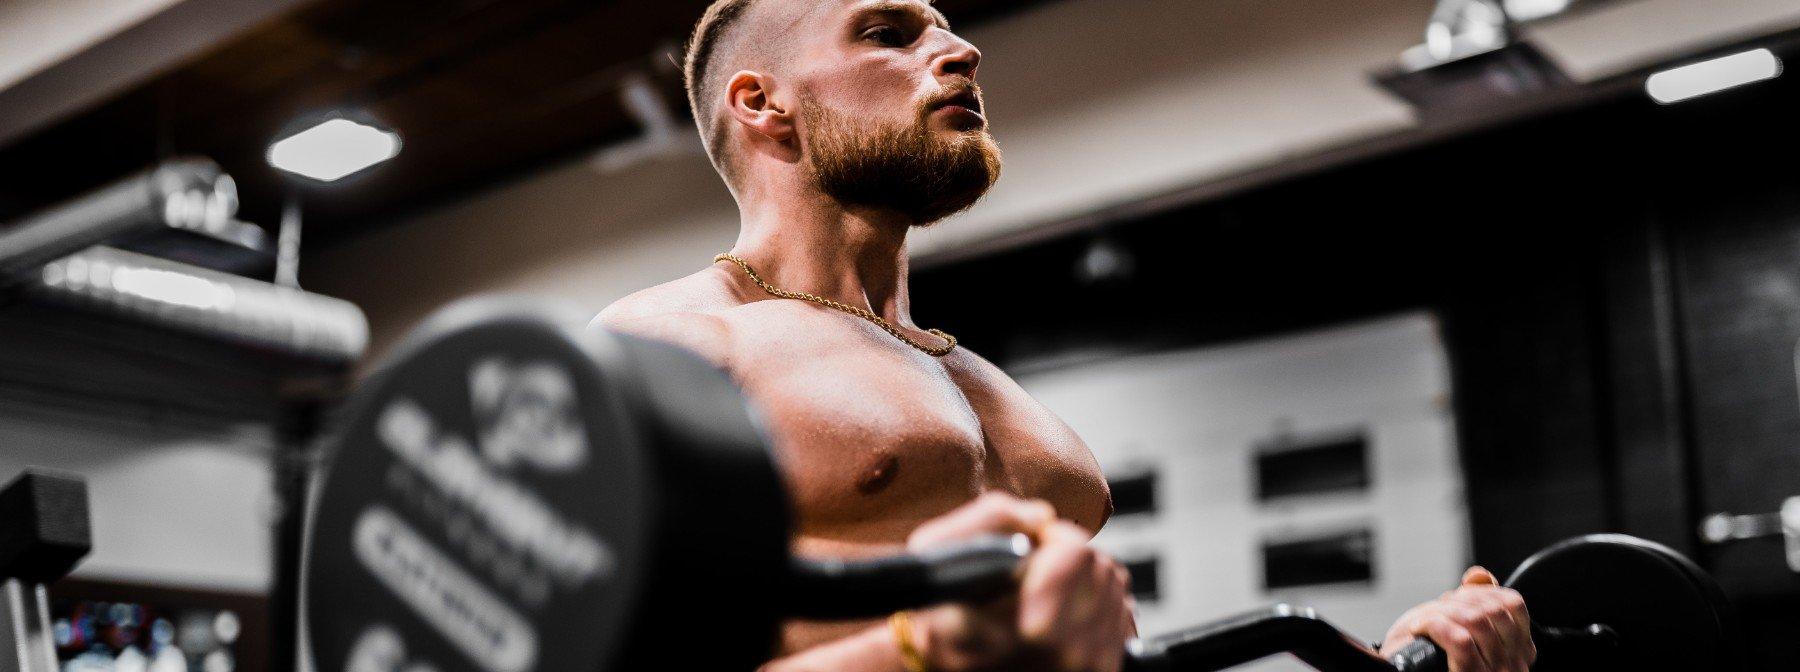 Creatin und Muskelaufbau?